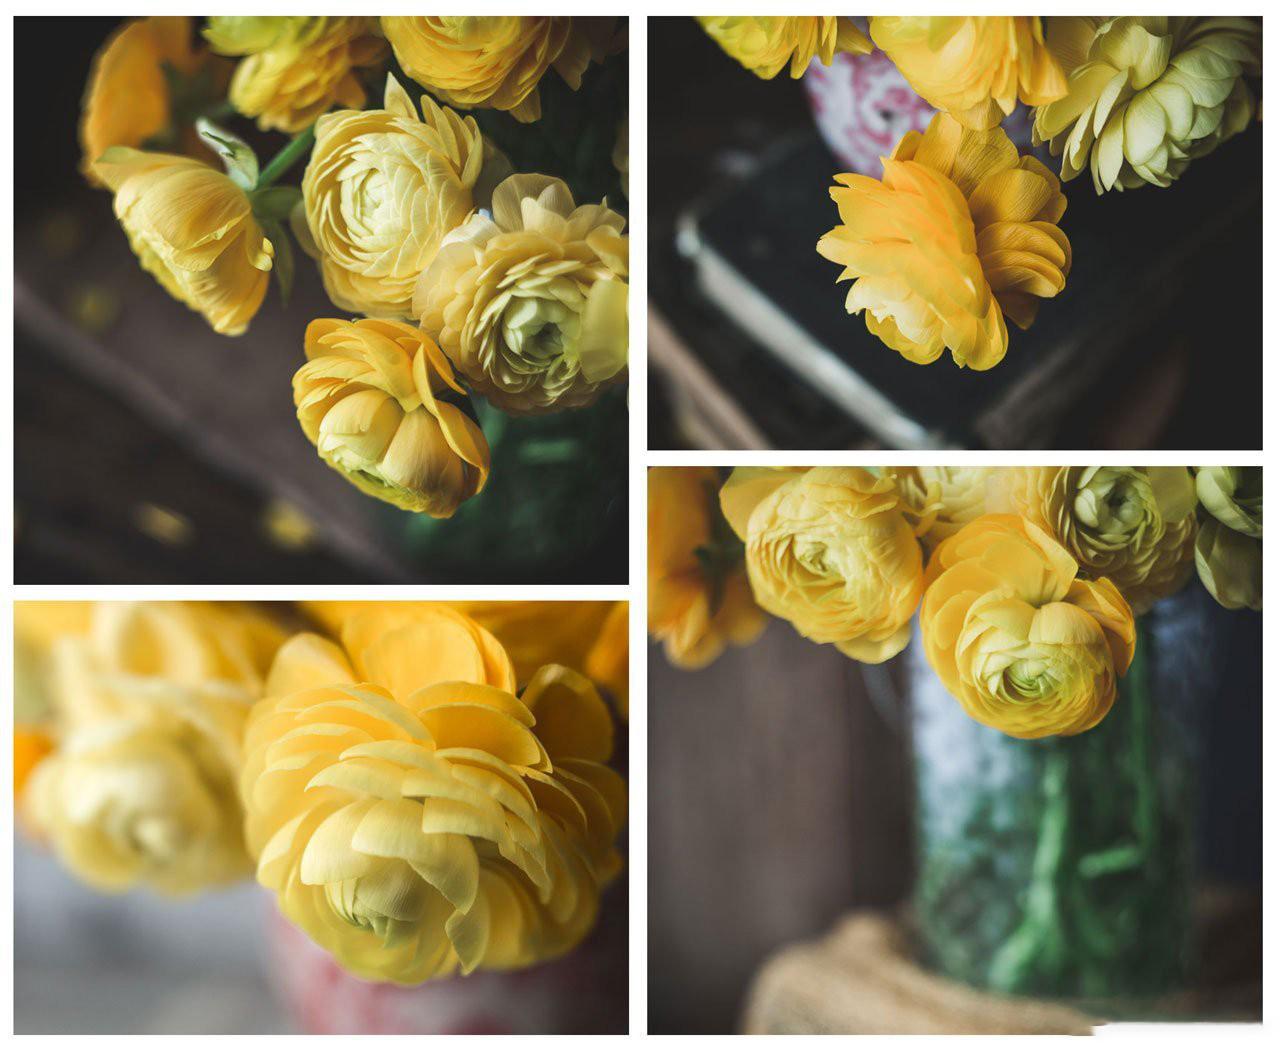 摄影教程_Lenslab –静物花卉产品摄影掌握色彩突破艺术界限研讨会-中文字幕 摄影教程 _预览图3